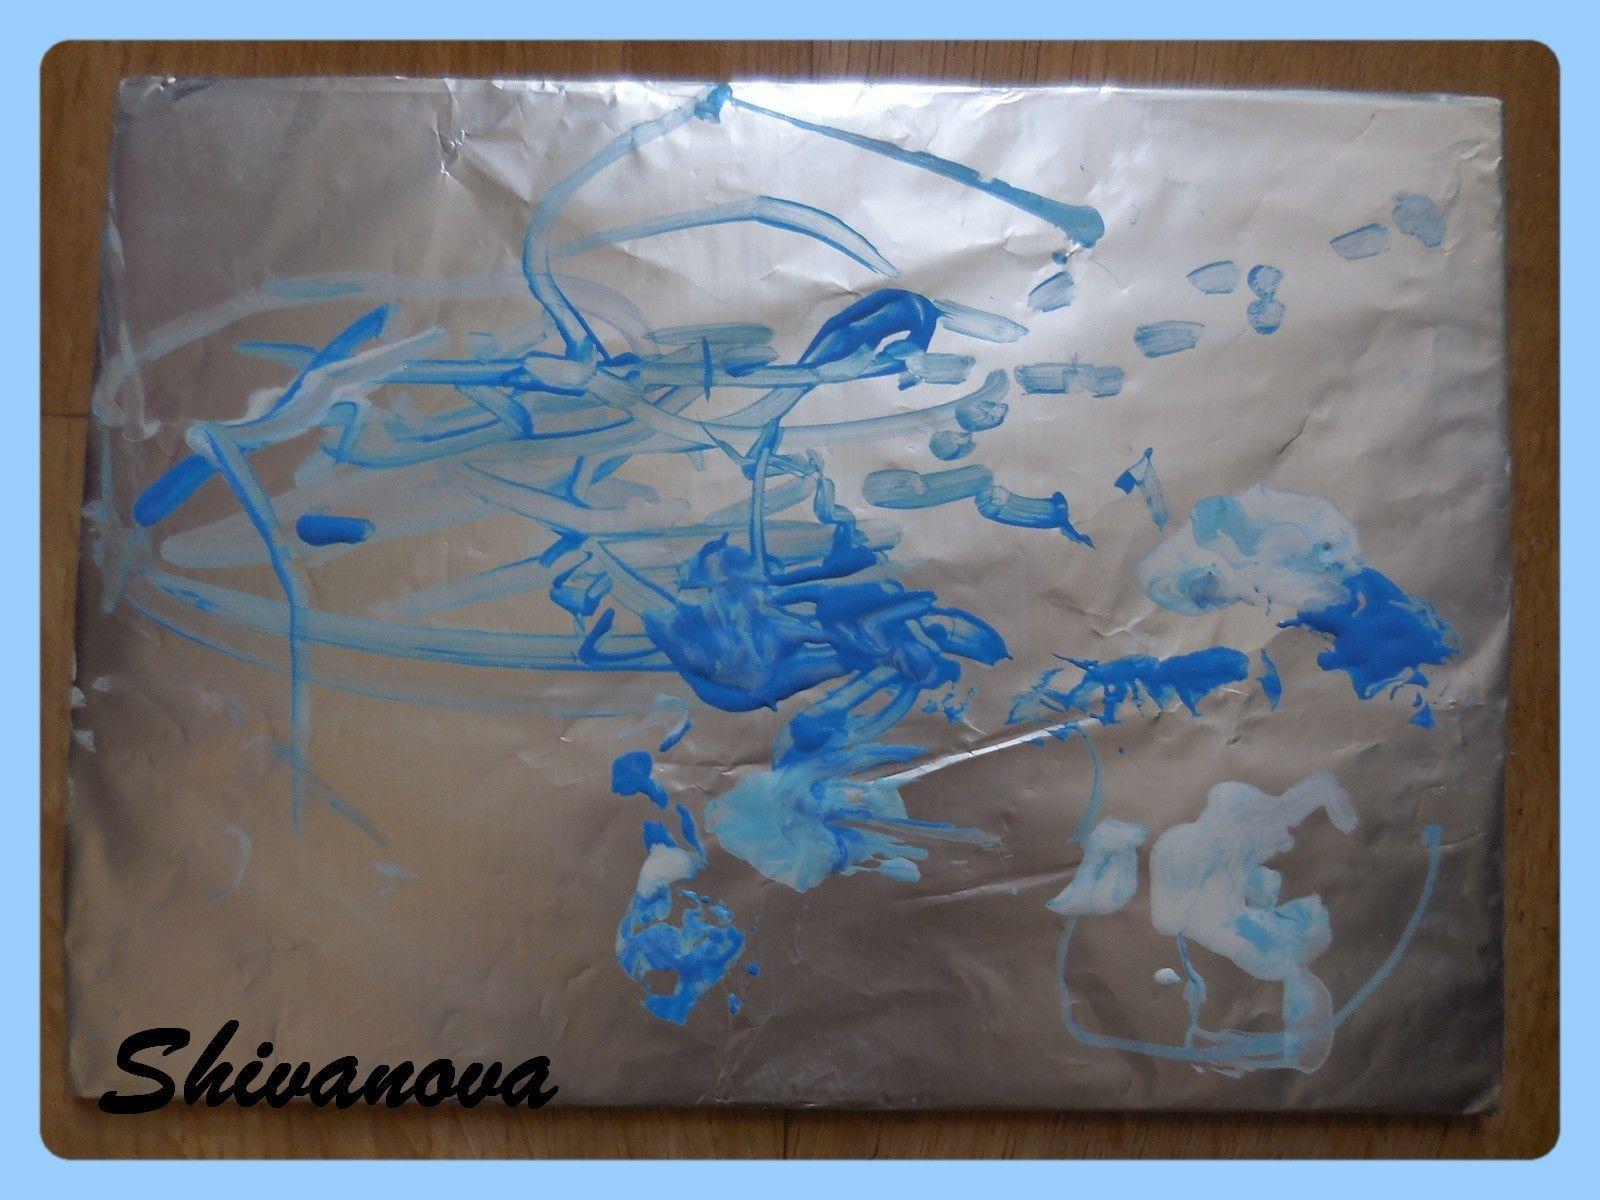 Peindre sur du papier allu for Peindre sur du melamine